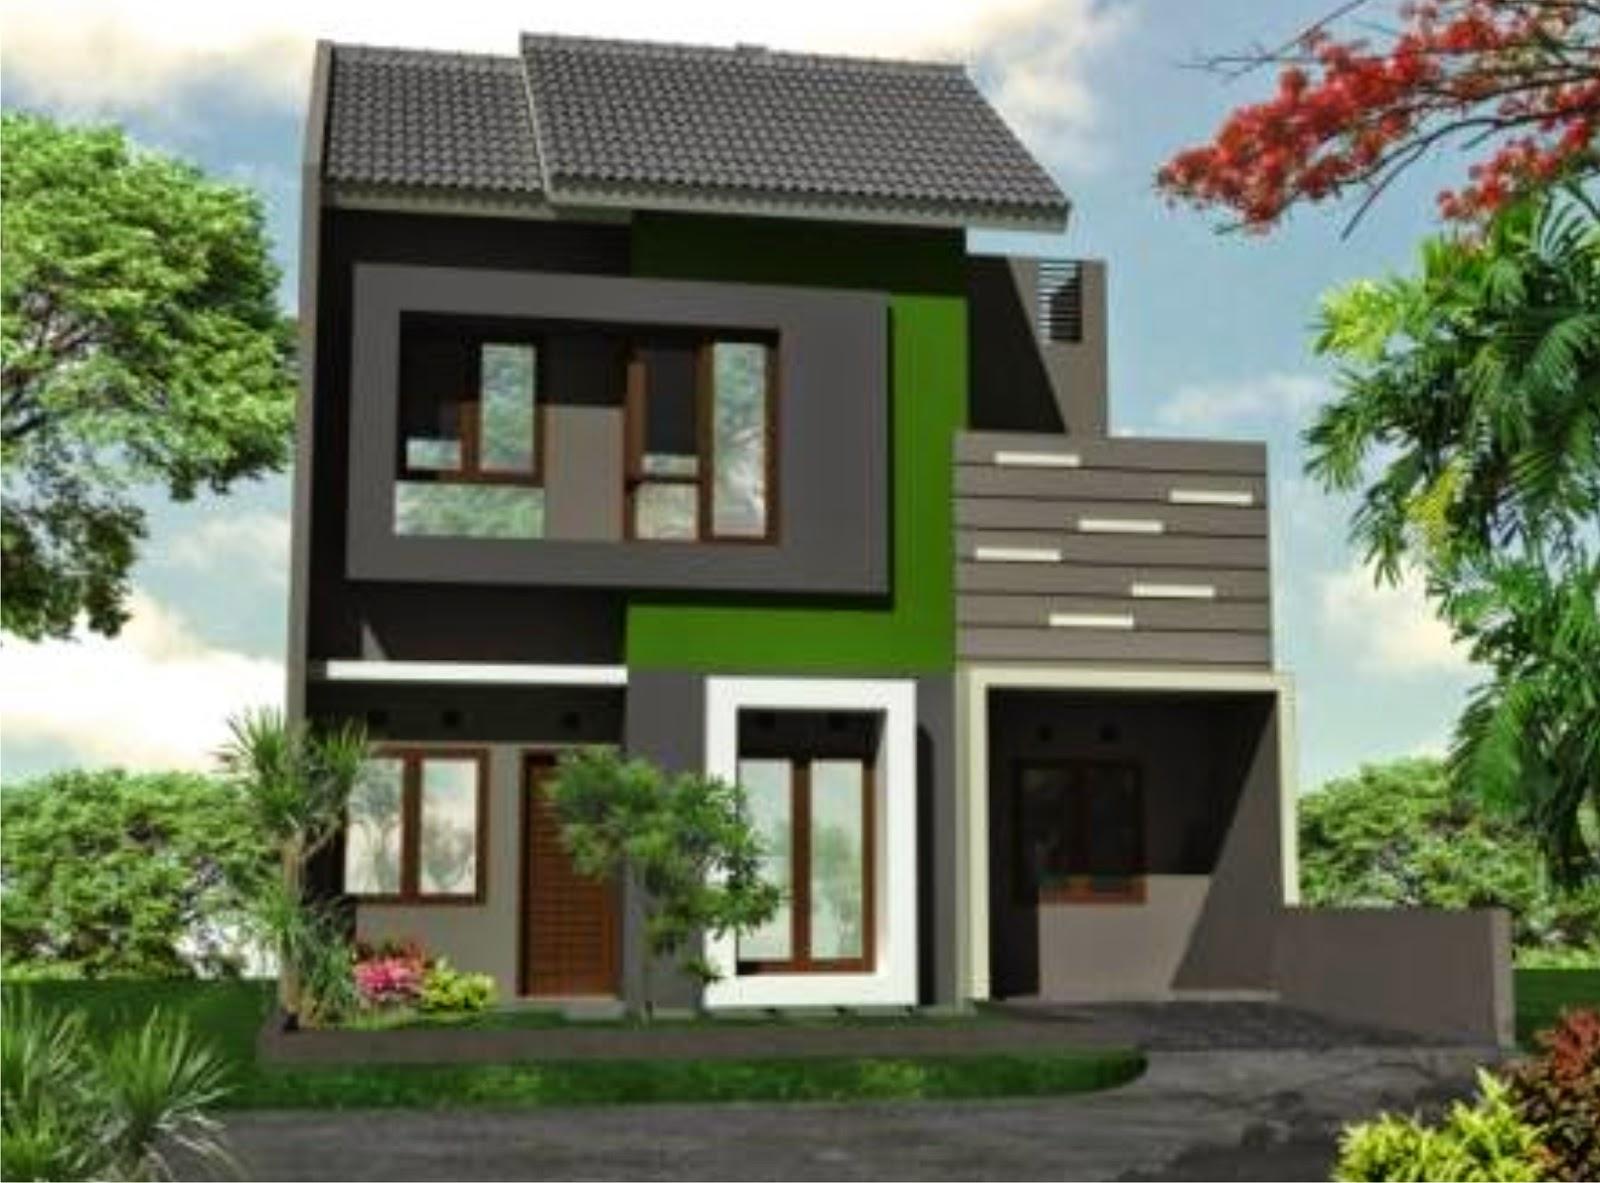 Contoh Model Cat Rumah Minimalis lt 2 warna hijau